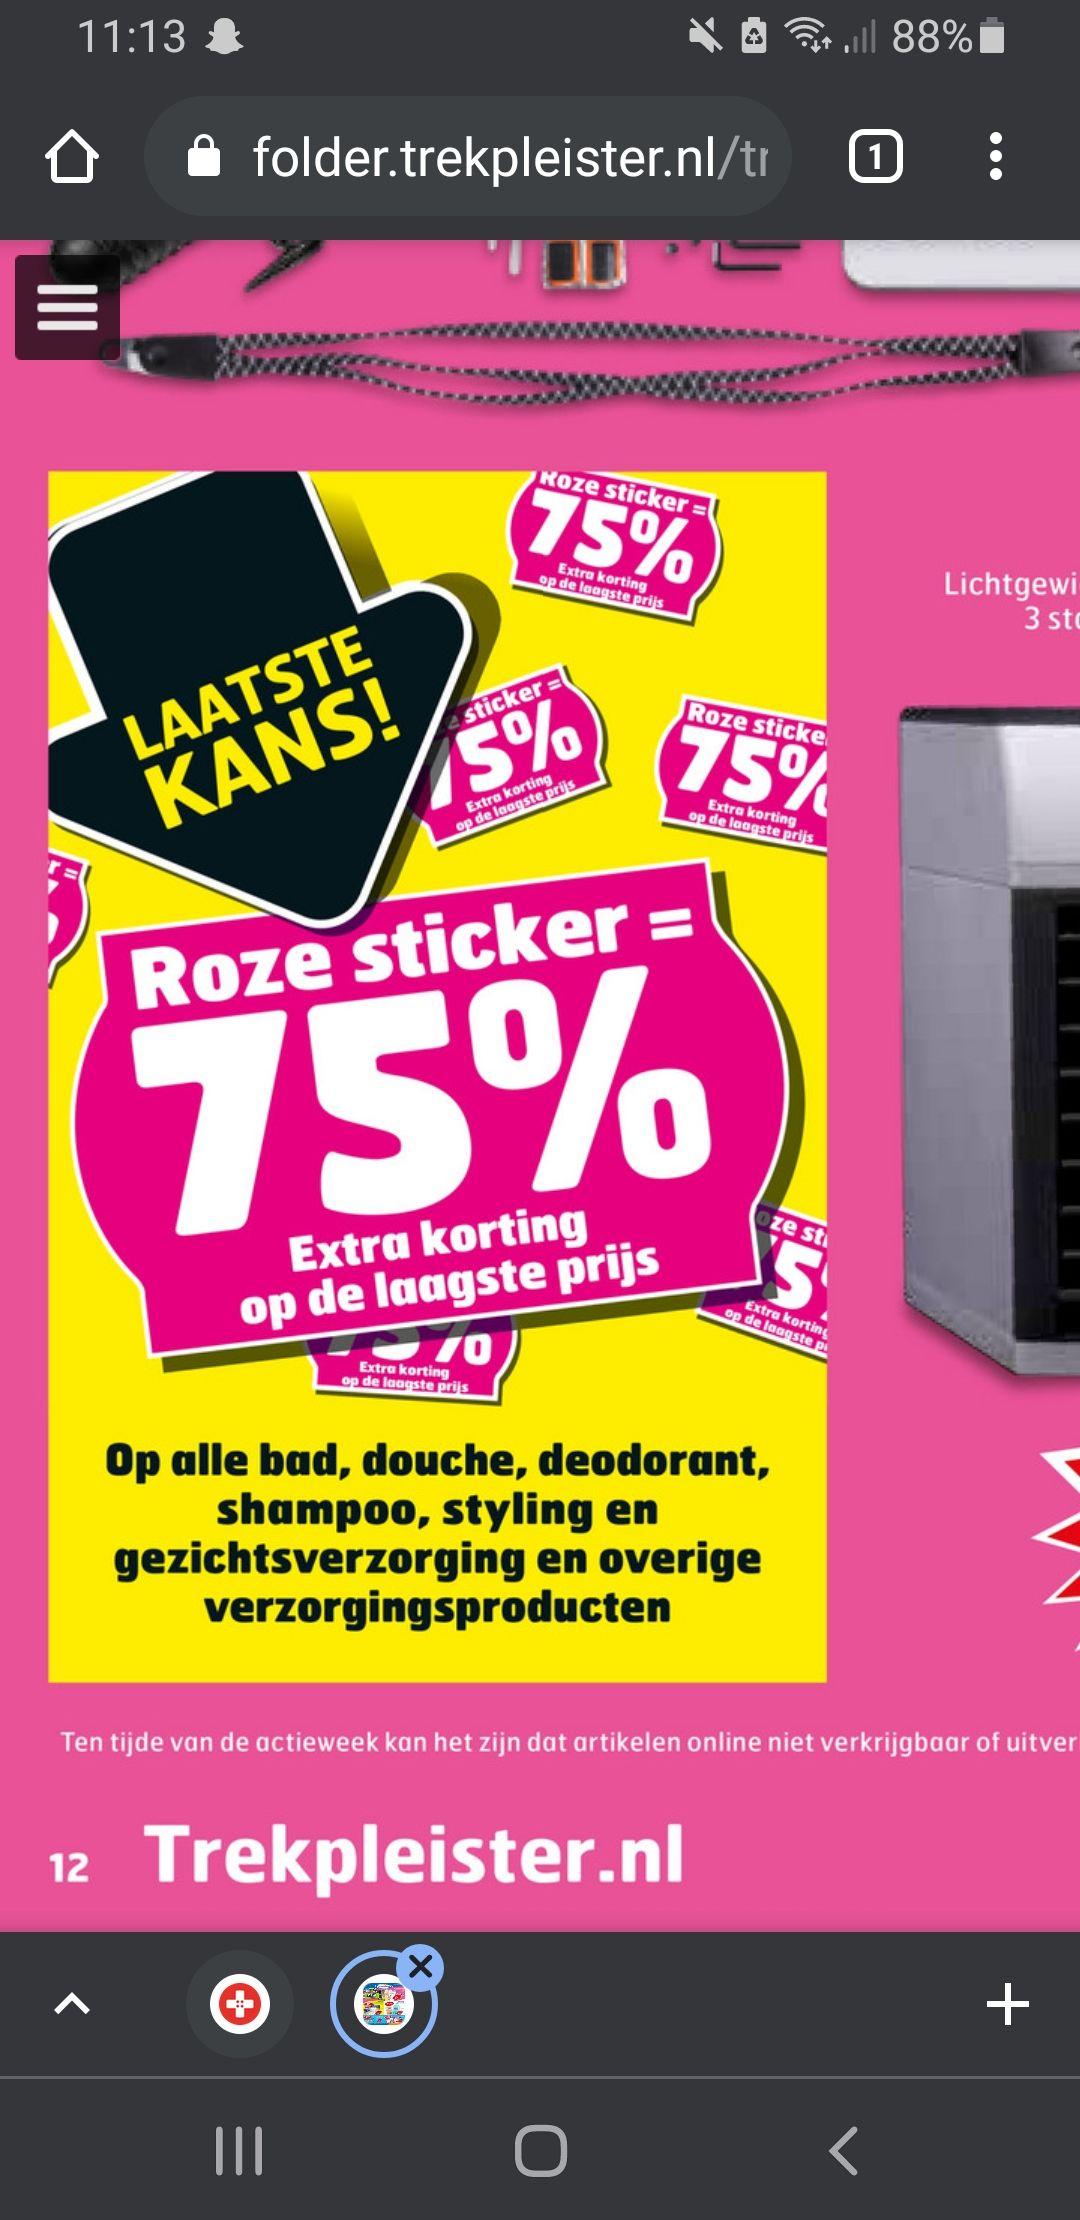 75% korting op verzorging met roze sticker @trekpleister